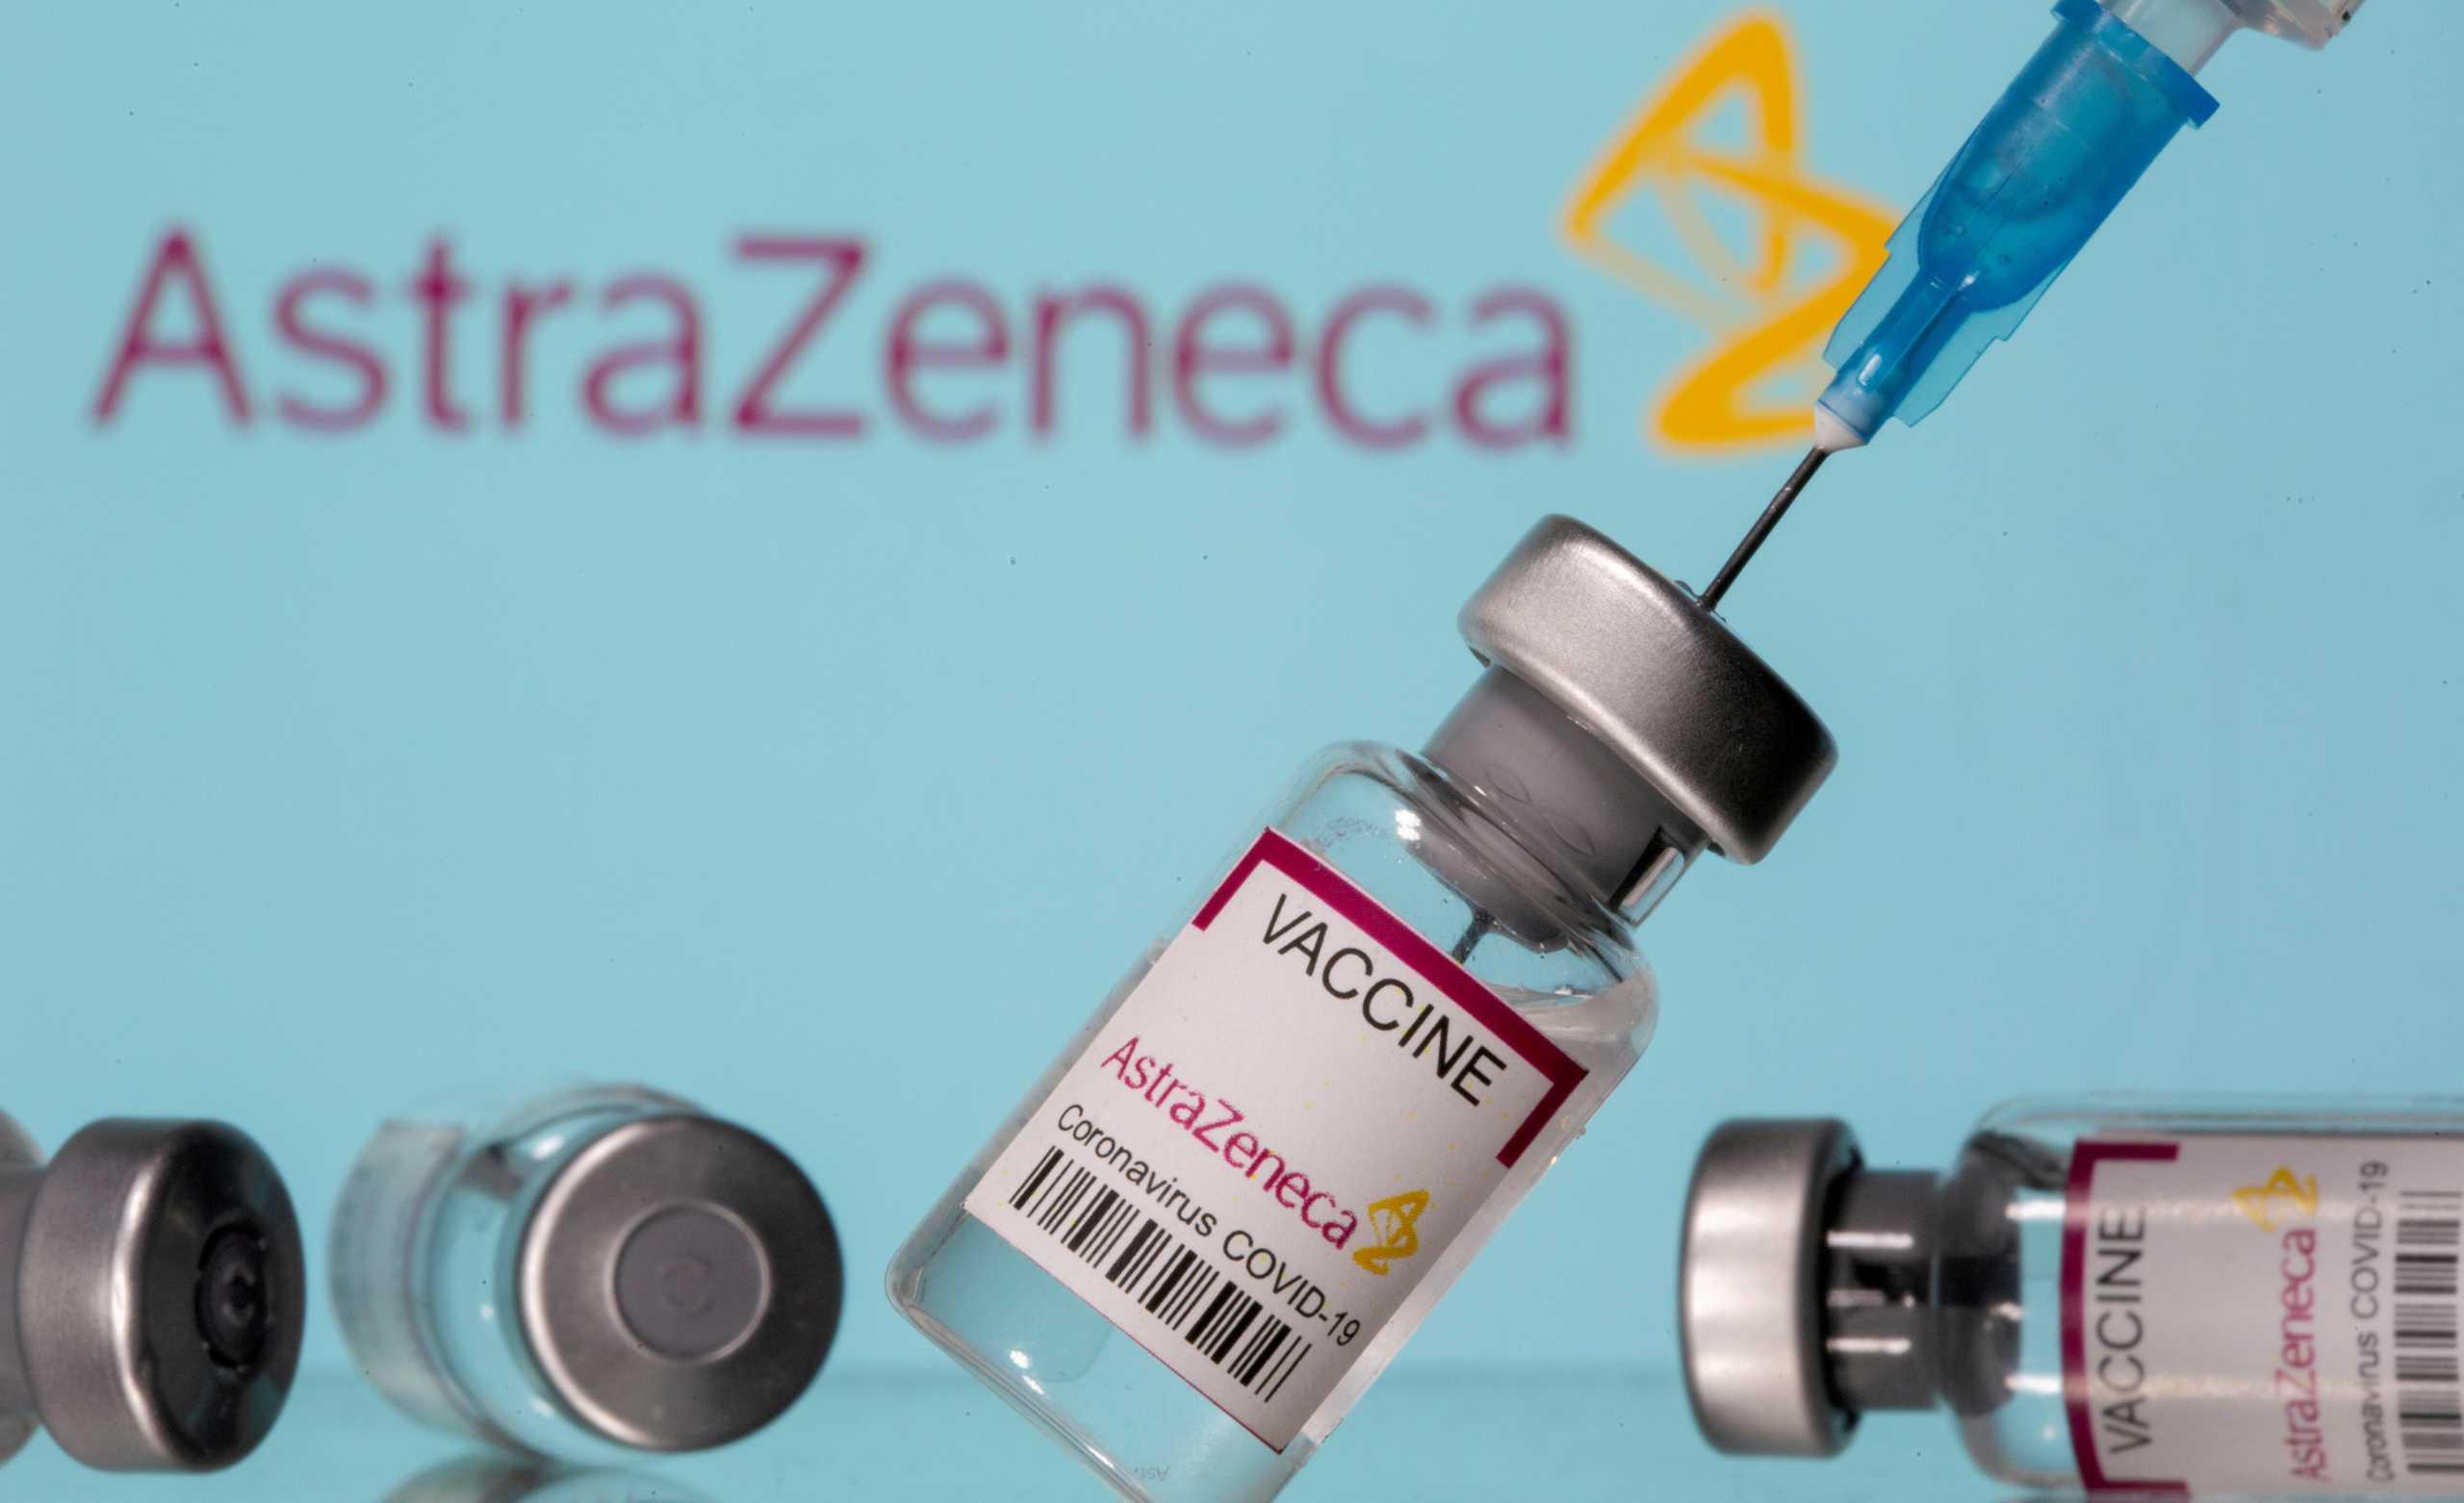 Εμβόλιο AstraZeneca: Η Ιταλία το συστήνει κυρίως για άτομα άνω των 60 ετών